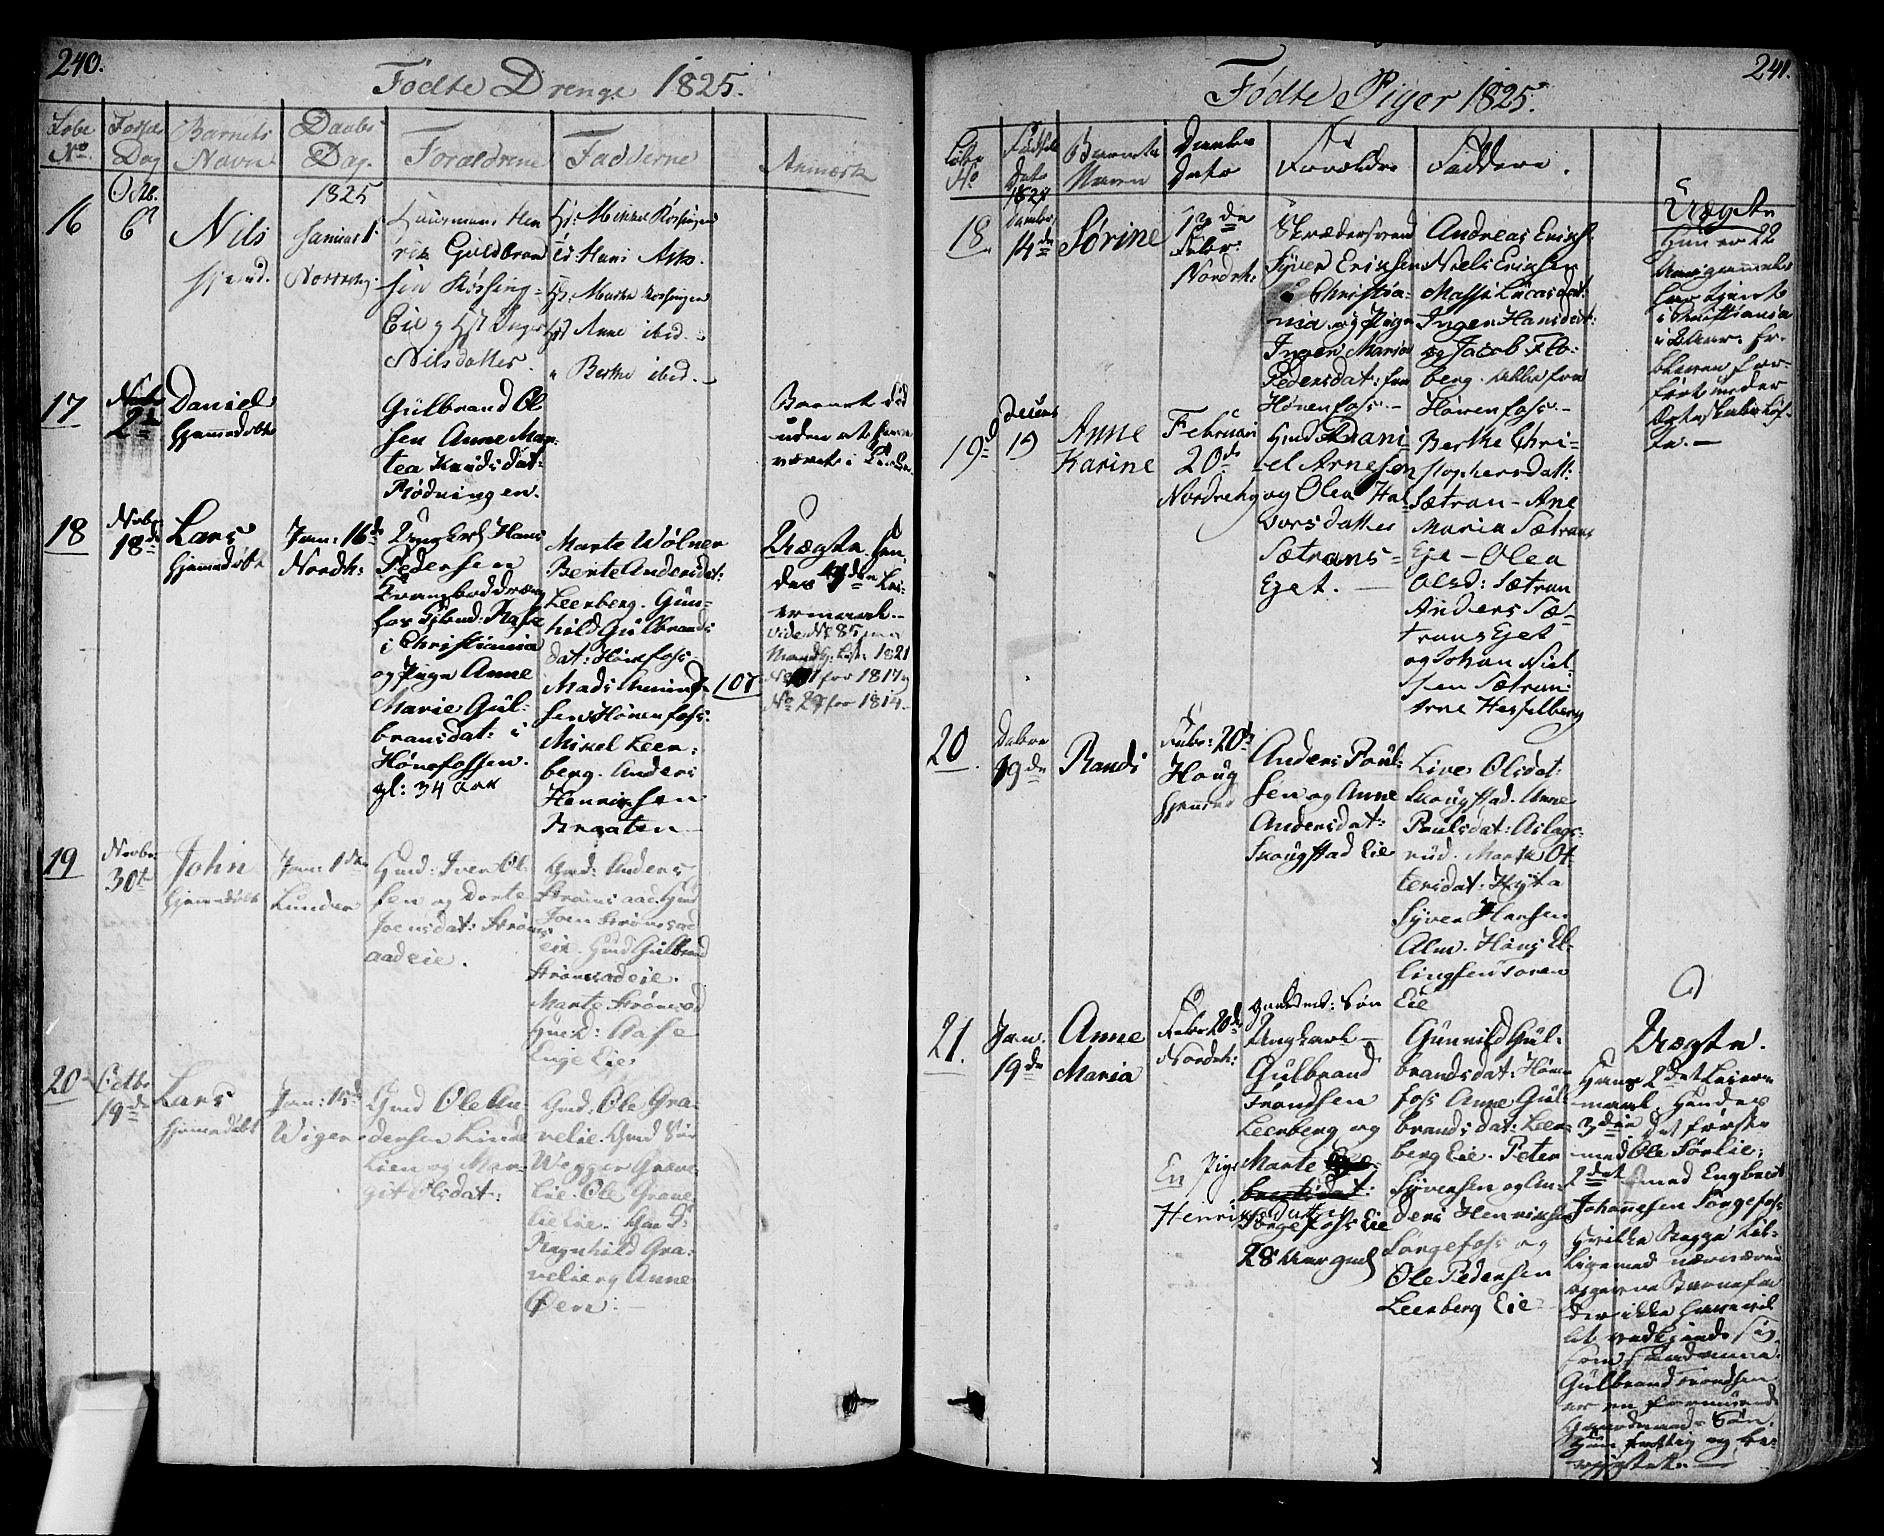 SAKO, Norderhov kirkebøker, F/Fa/L0009: Ministerialbok nr. 9, 1819-1837, s. 240-241